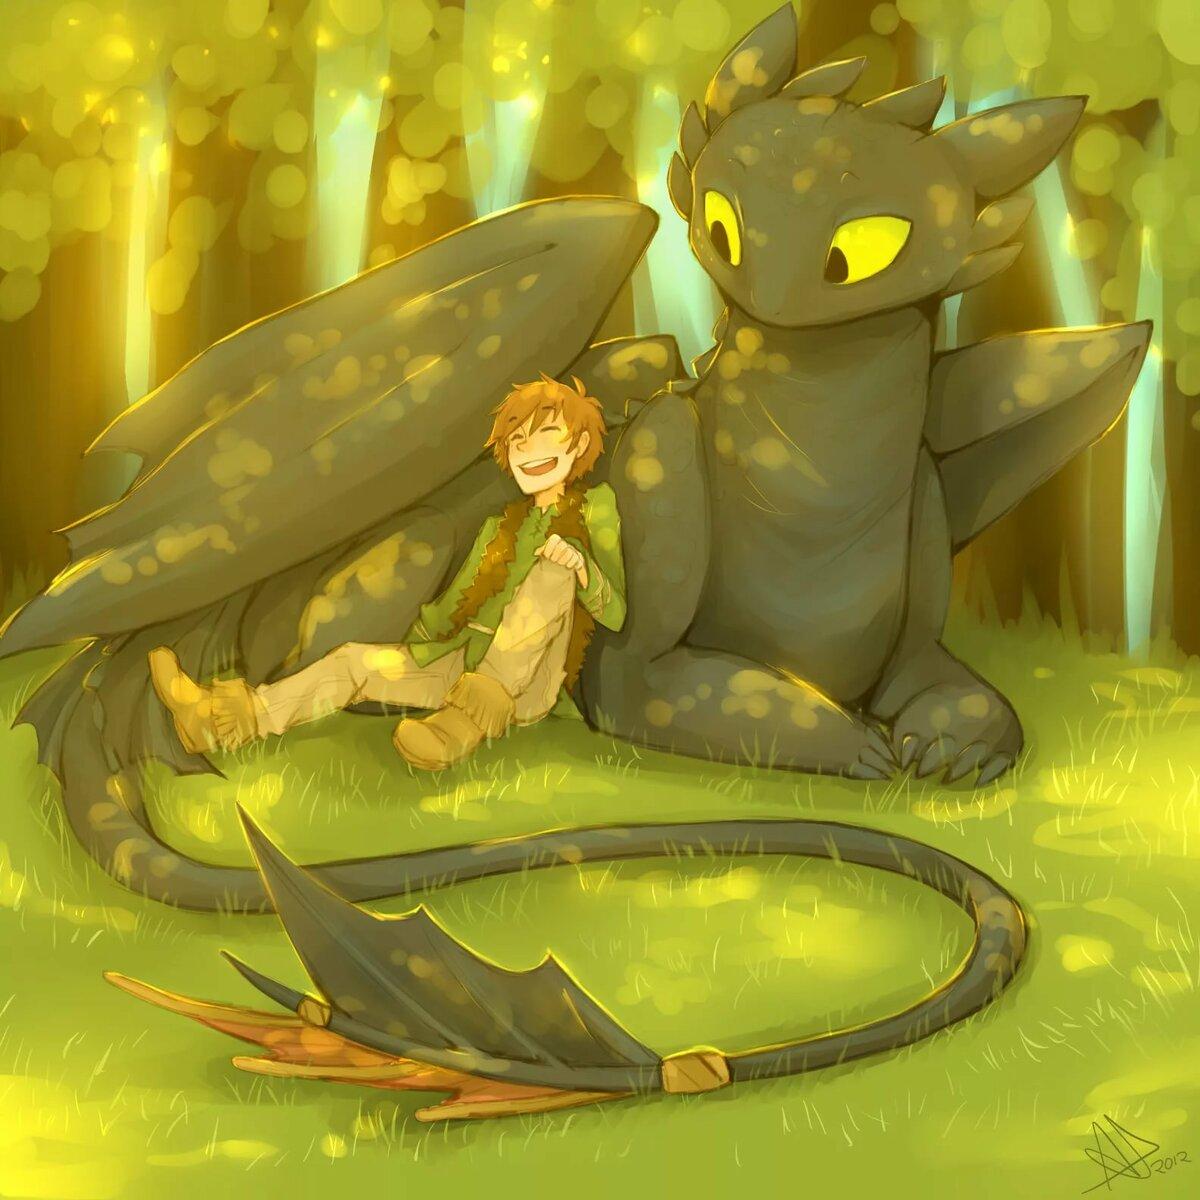 арты как приручить дракона ребенка означало